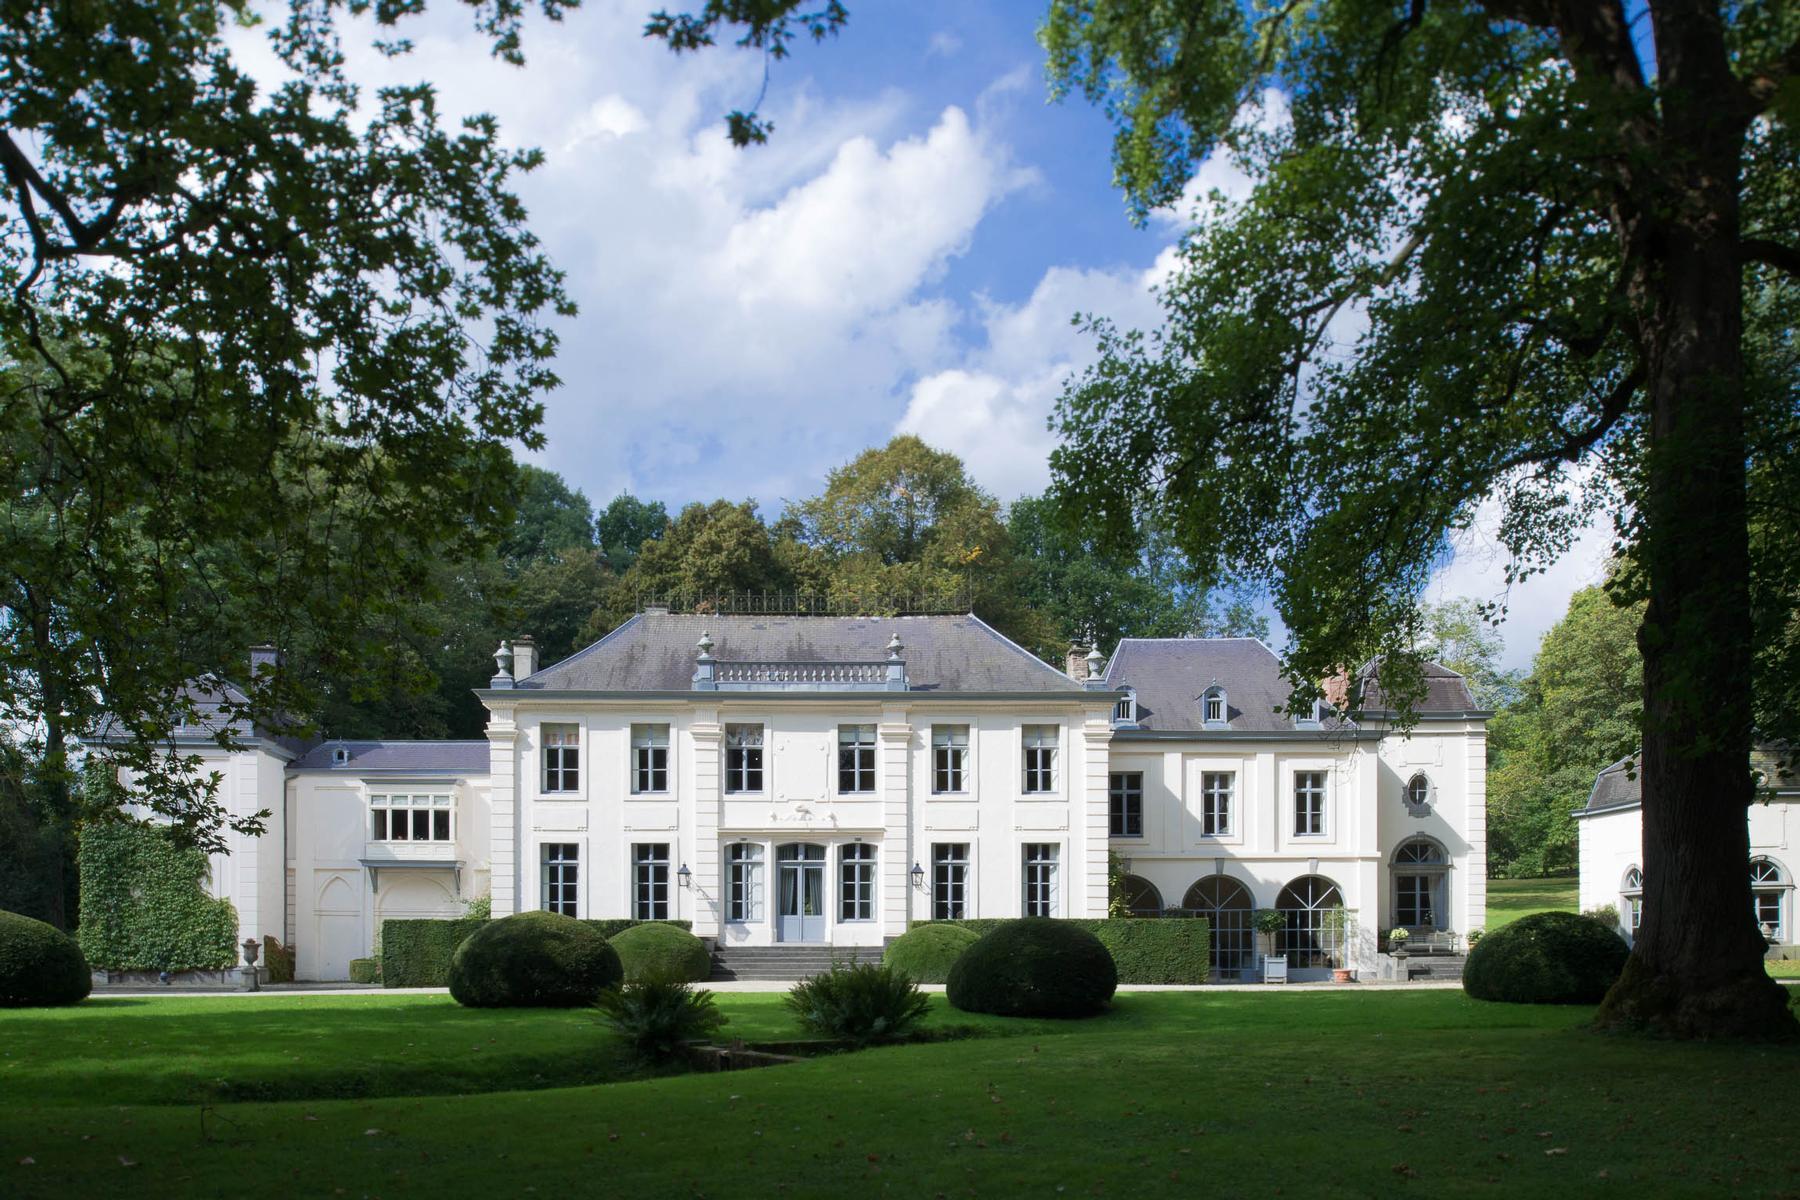 Другая жилая недвижимость для того Продажа на Nivelles I Château de Fonteneau Other Brabant Wallon, Brabant Wallon, 1400 Бельгия